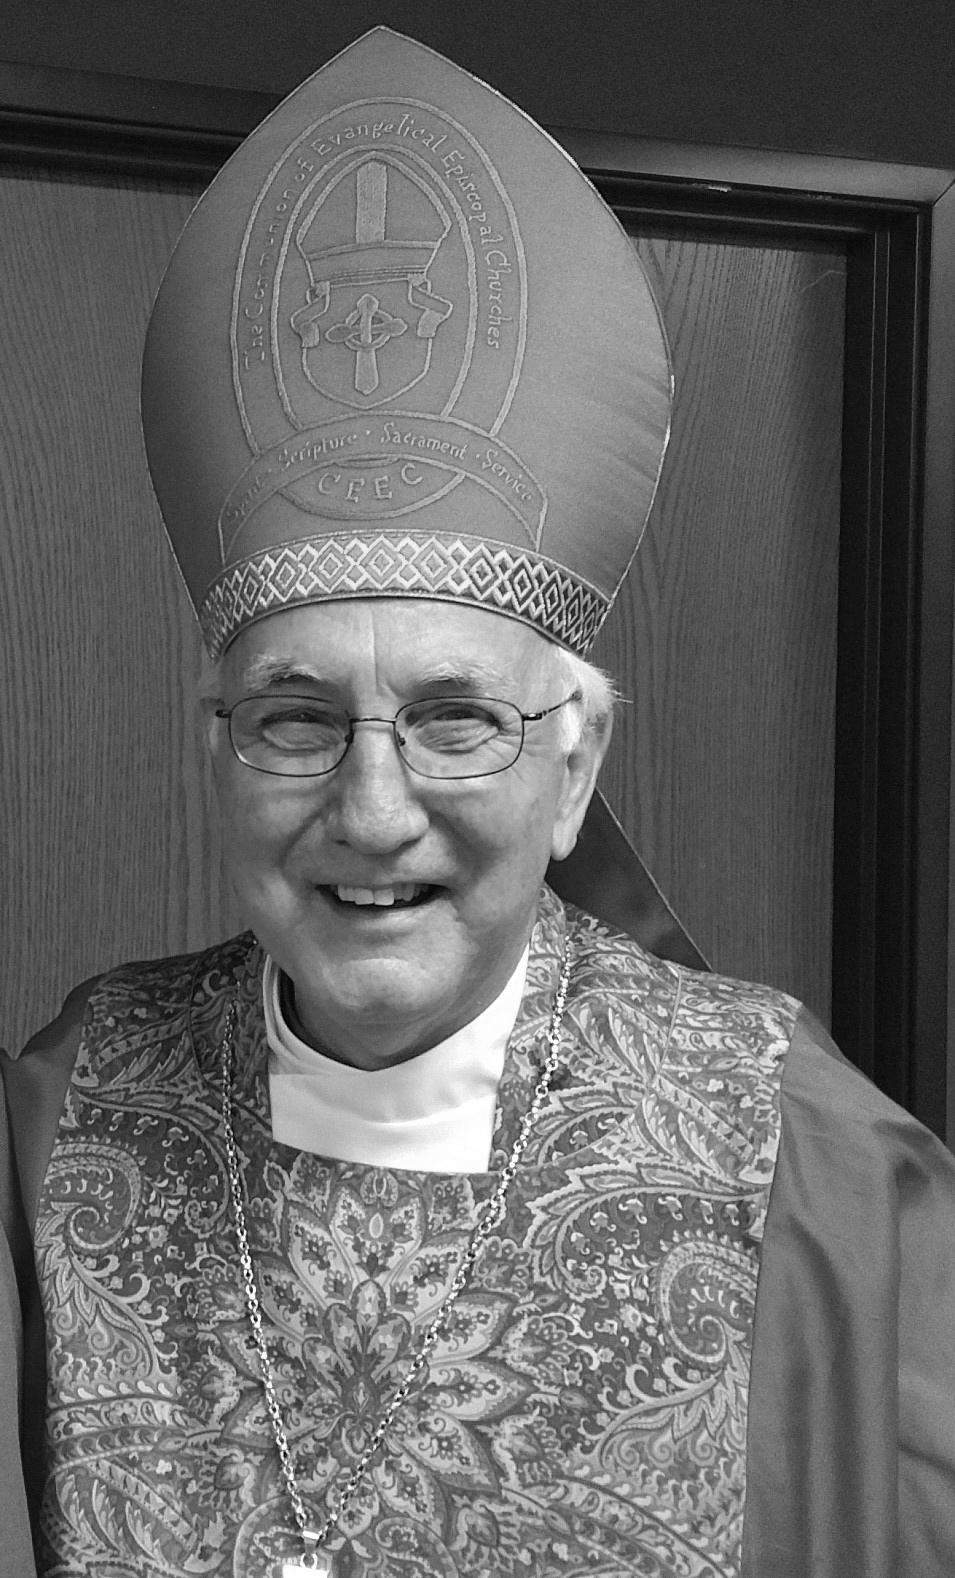 Archbishop Charles Travis